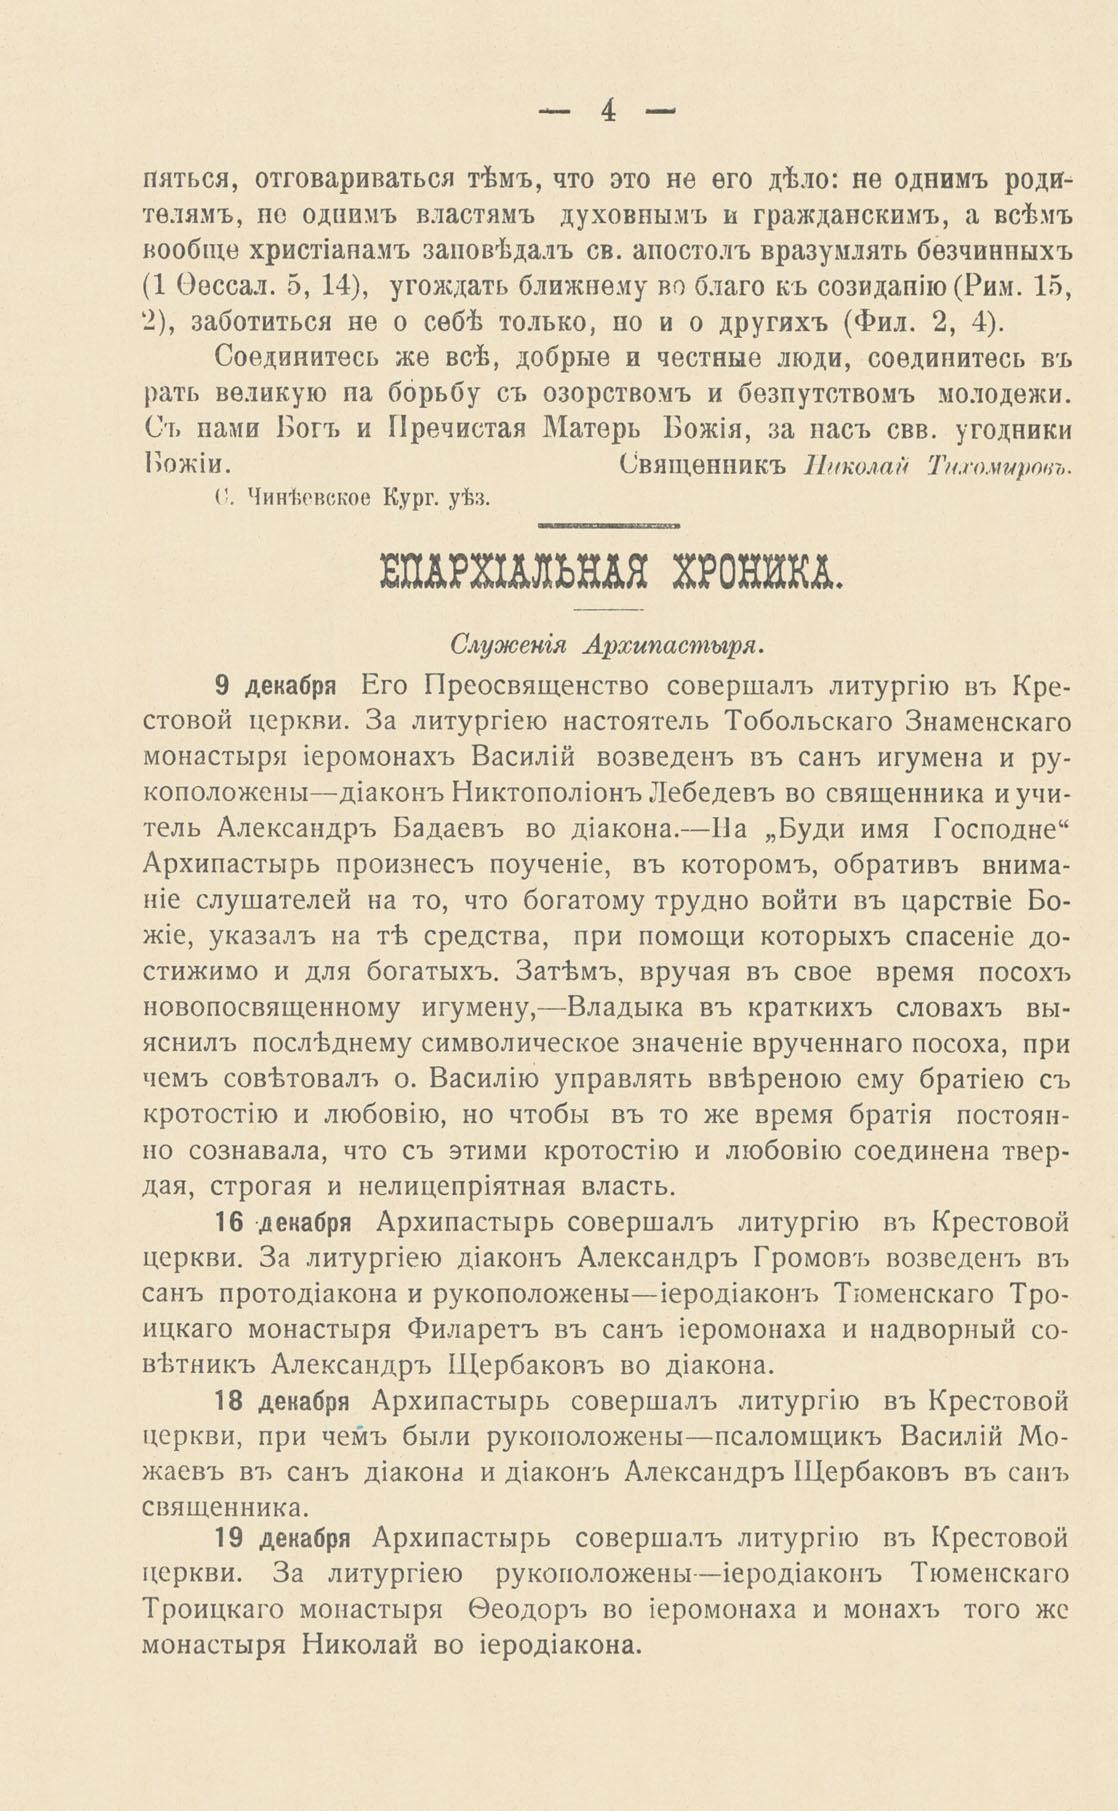 епархиальные ведомости_номер 1мо от вященника тихомирова_659 54